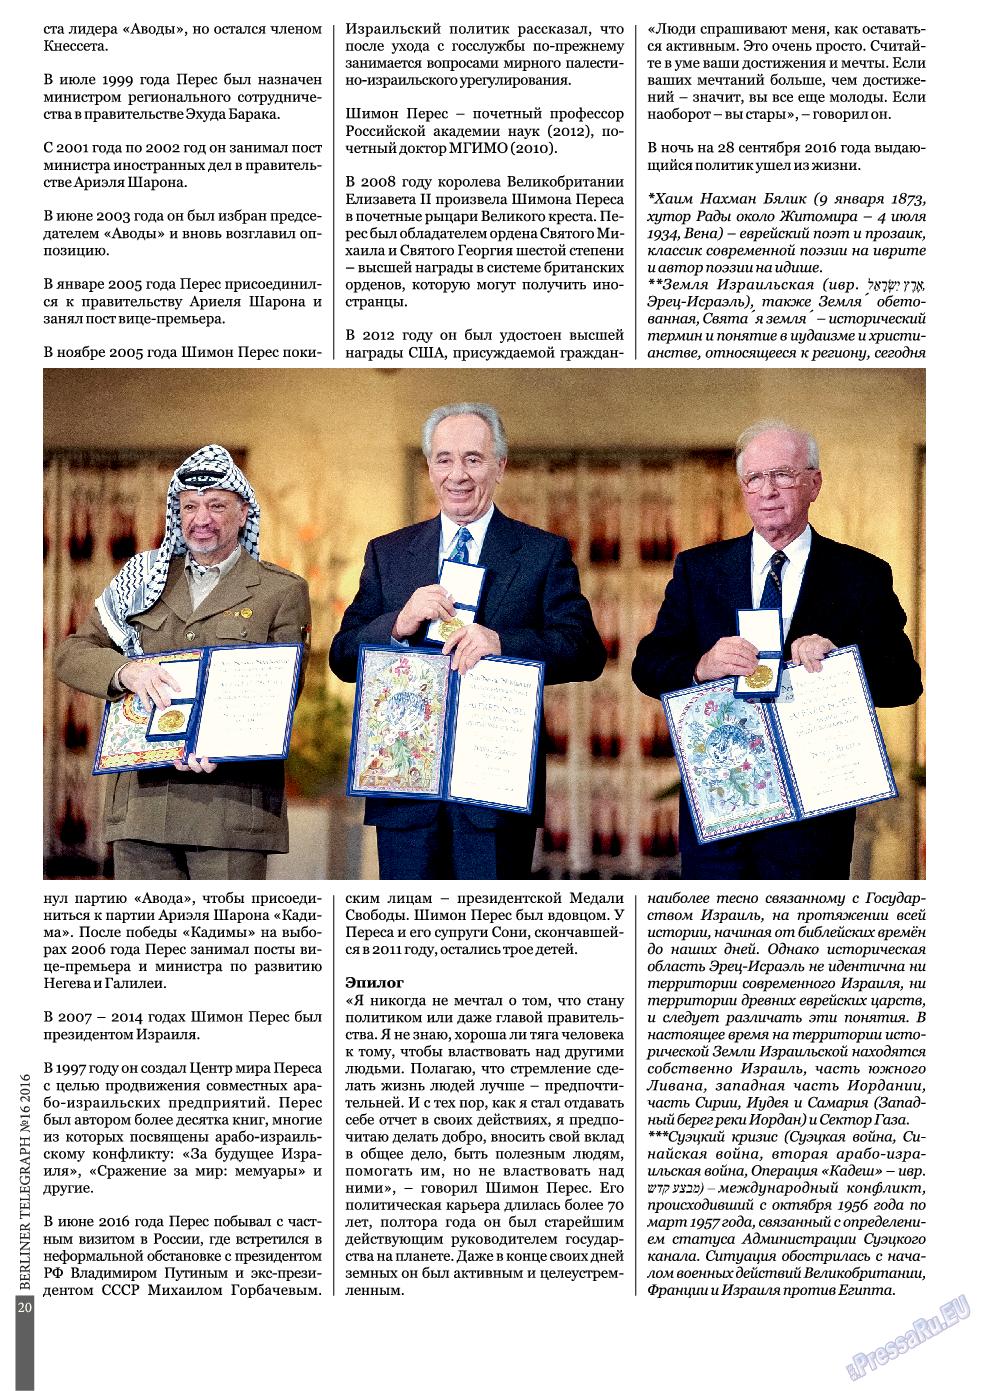 Берлинский телеграф (журнал). 2016 год, номер 16, стр. 20